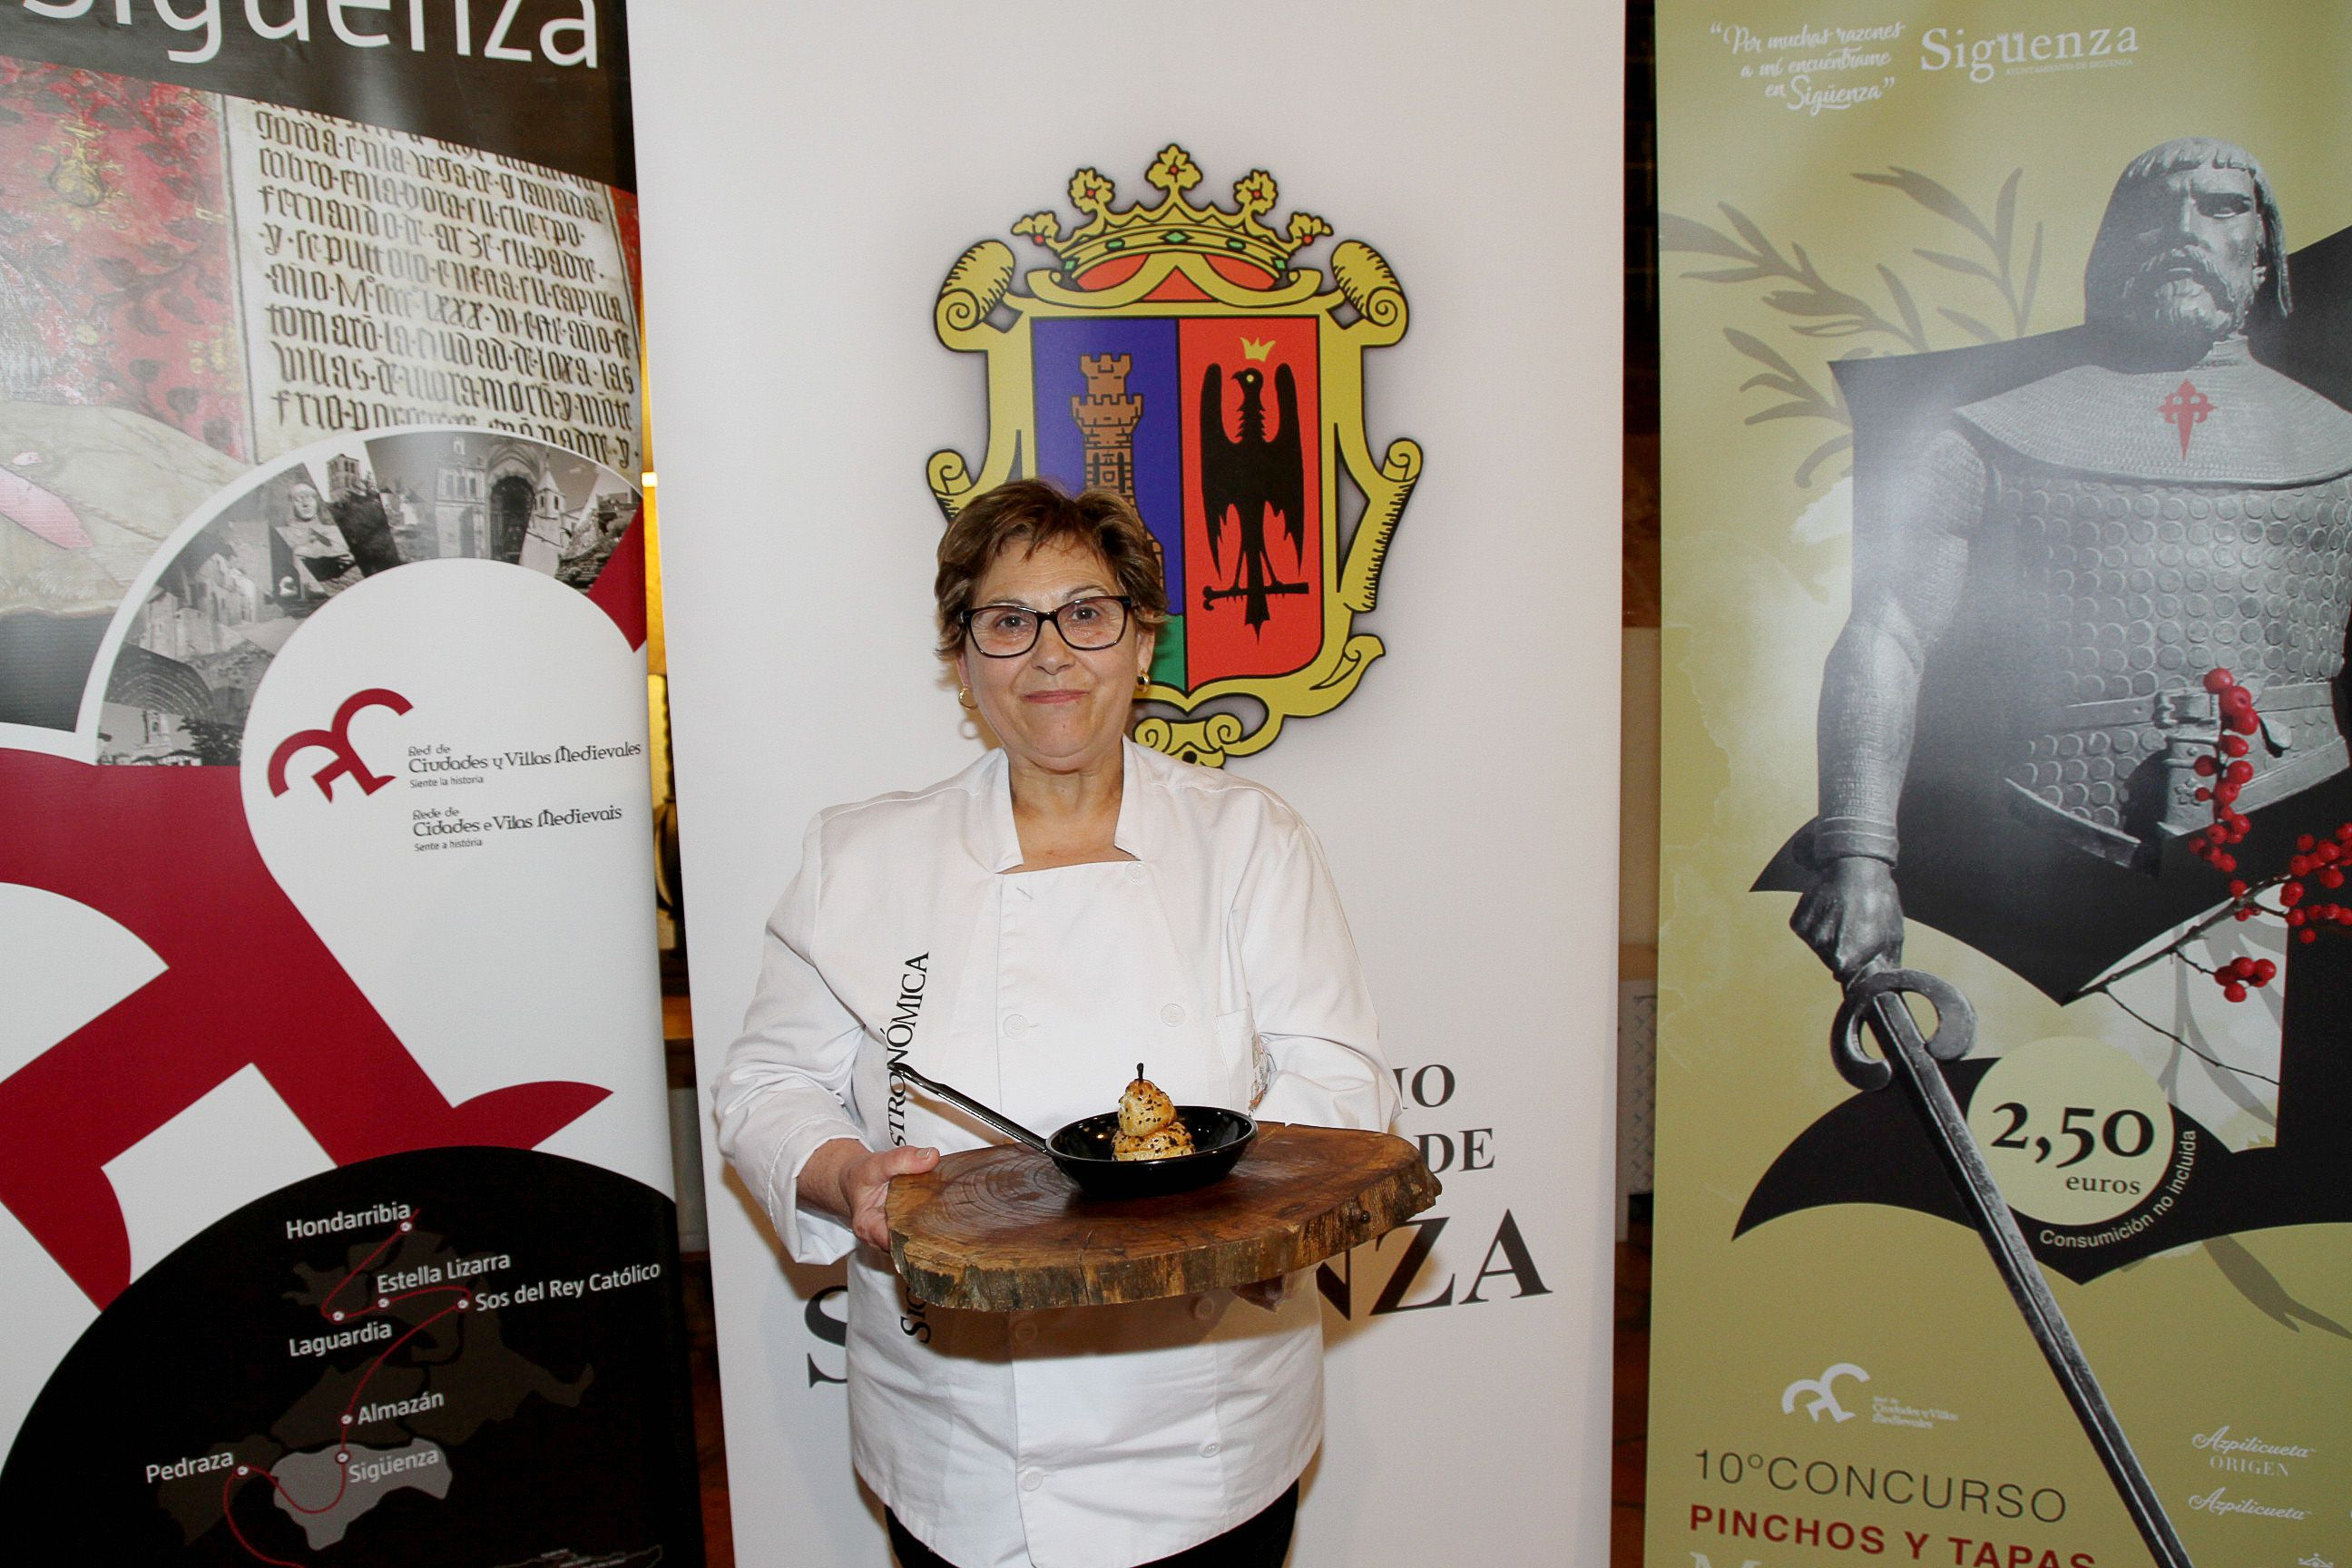 El Concurso de Pinchos Medievales ha puesto de moda el tapeo en Sigüenza